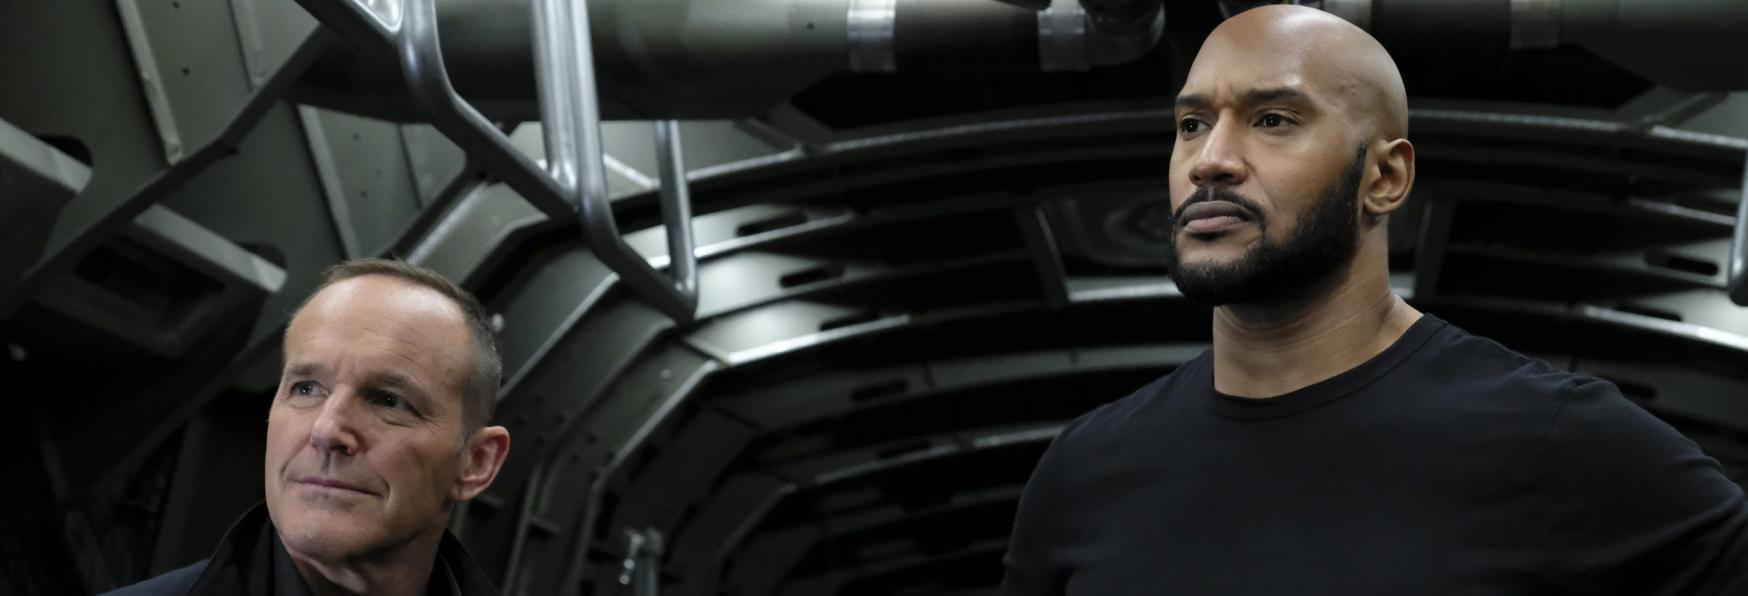 Agents of S.H.I.E.L.D. 7: un atteso Ritorno nel nuovo Episodio?